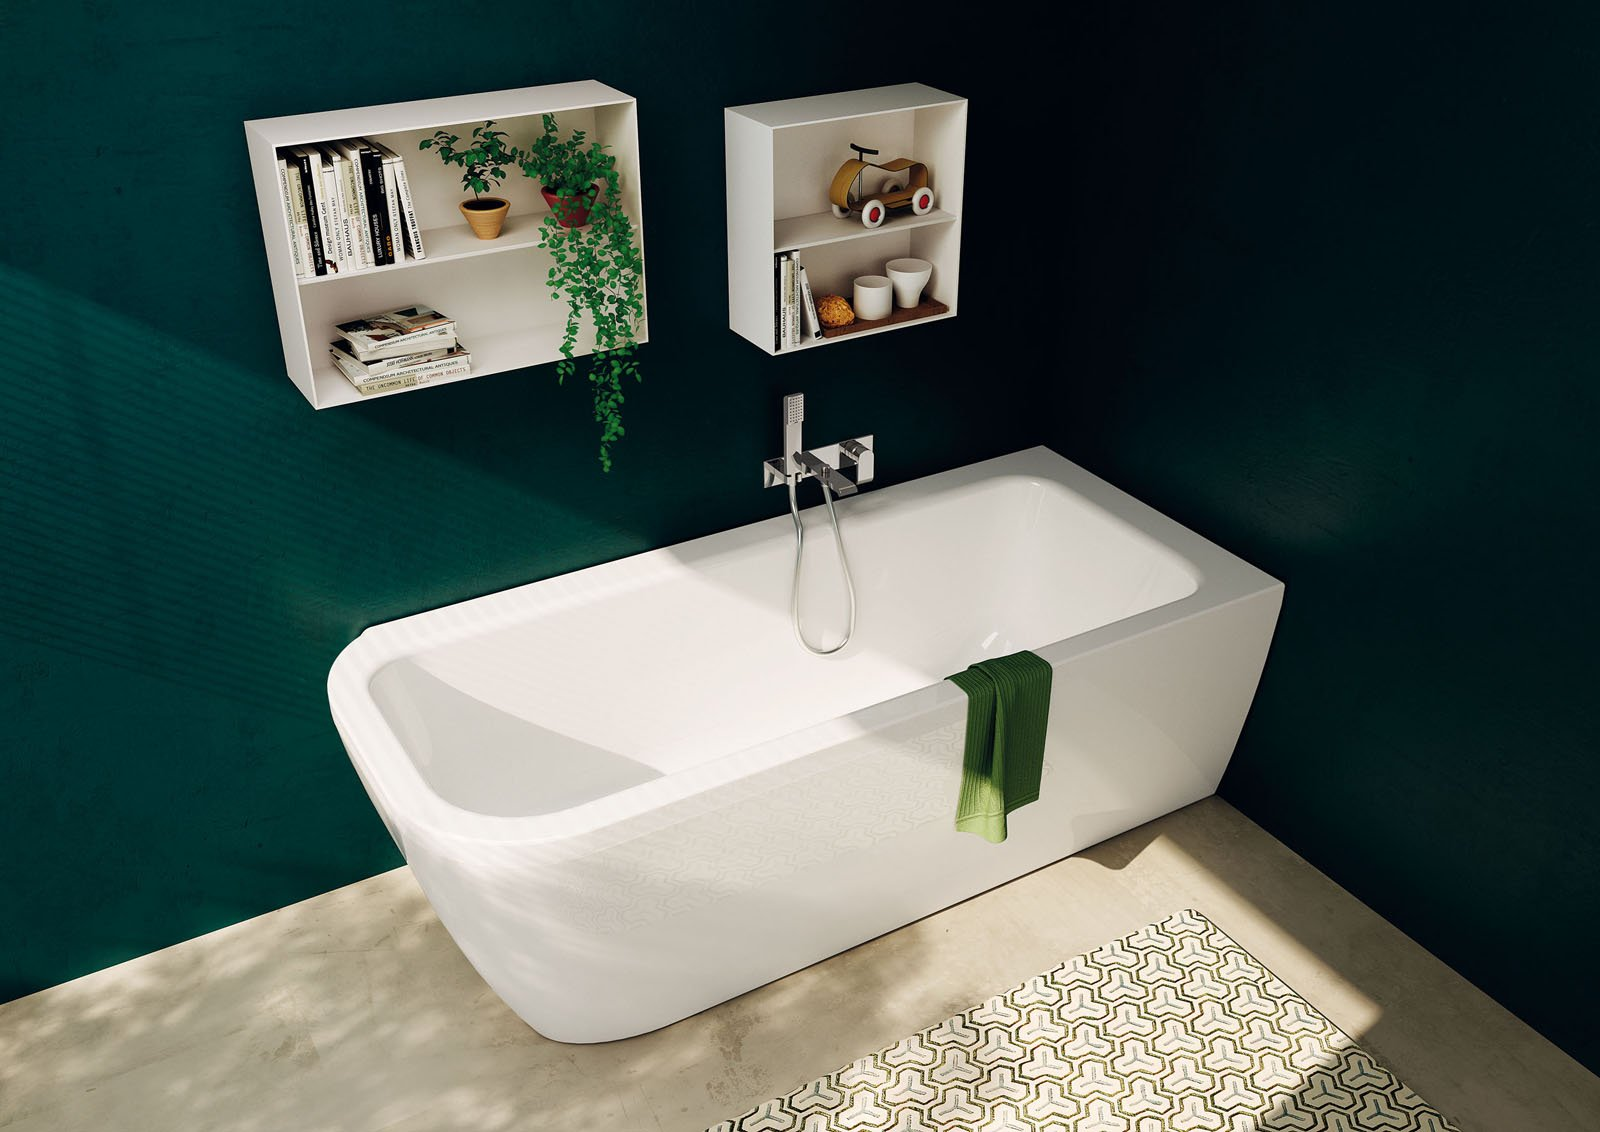 Dimensioni Di Una Vasca Da Bagno : Vasche da bagno low cost a partire da euro cose di casa